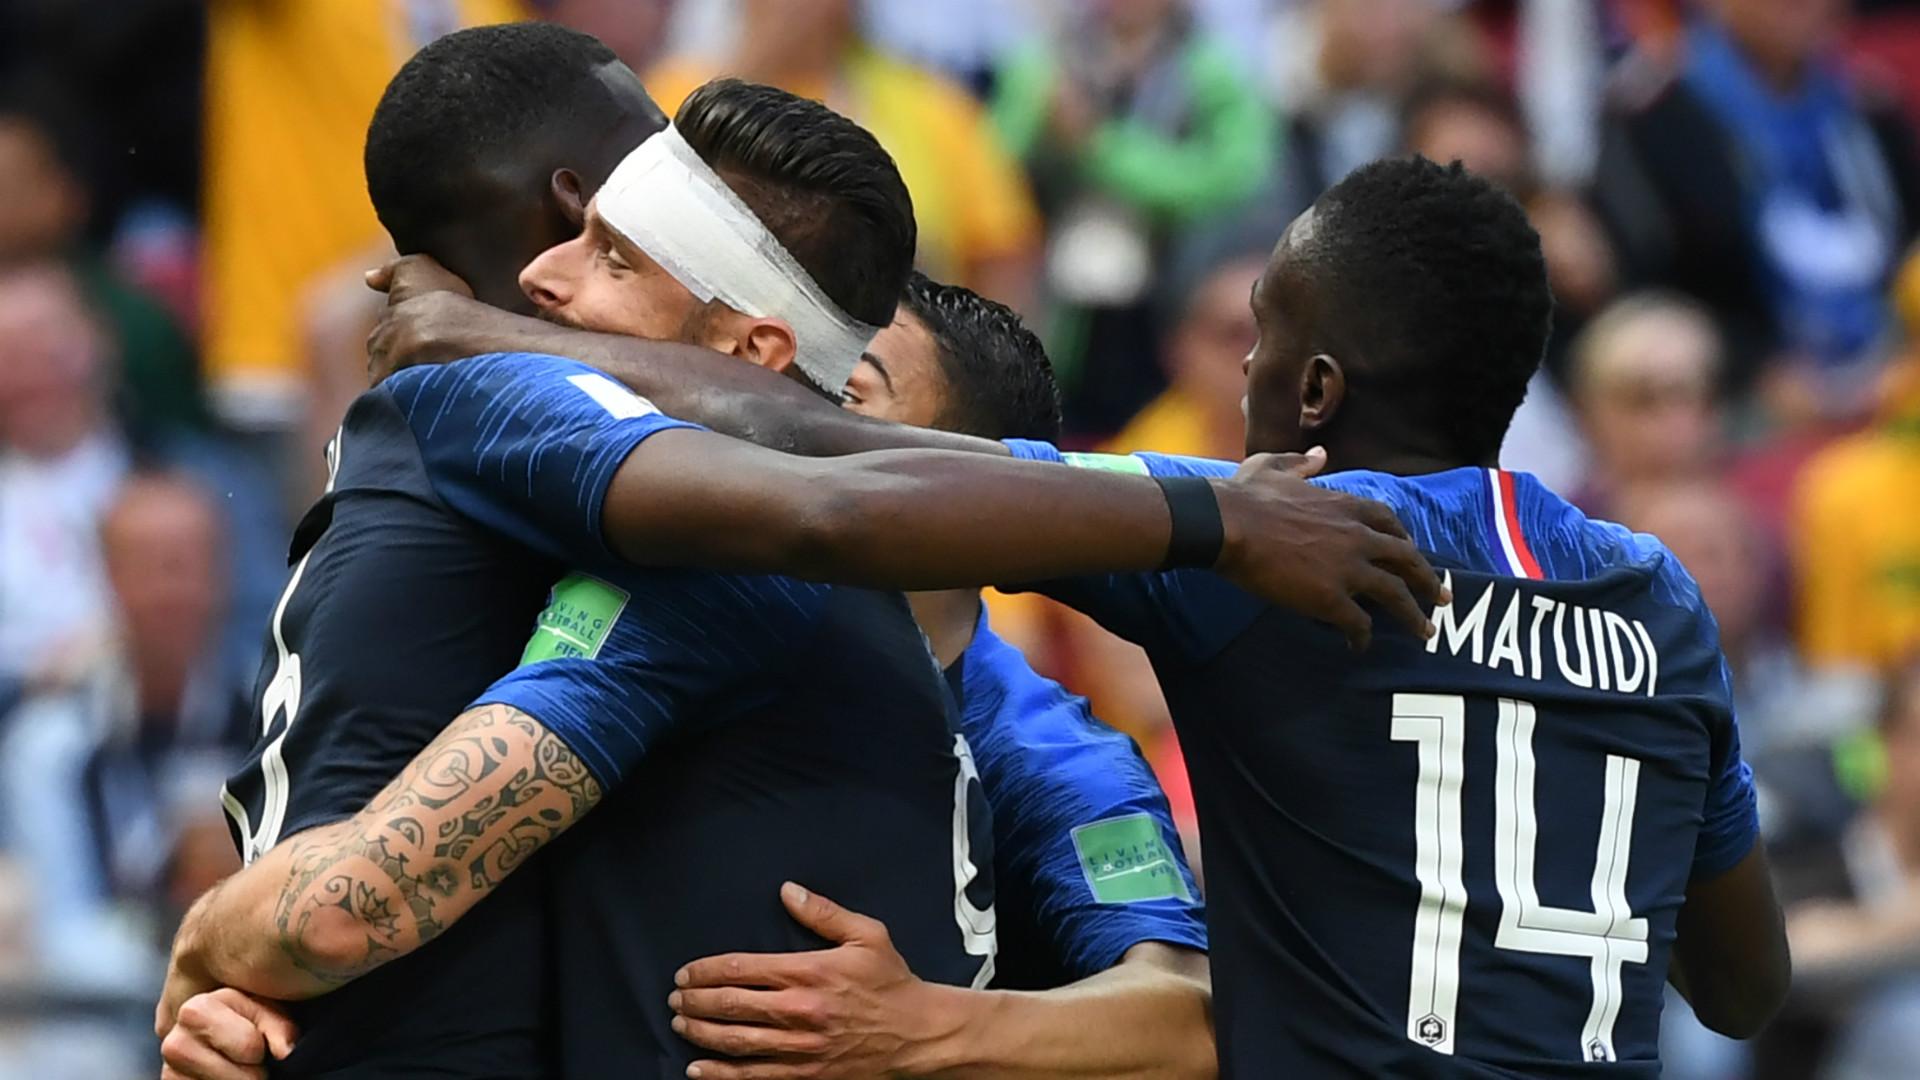 LIVE: France vs Australia